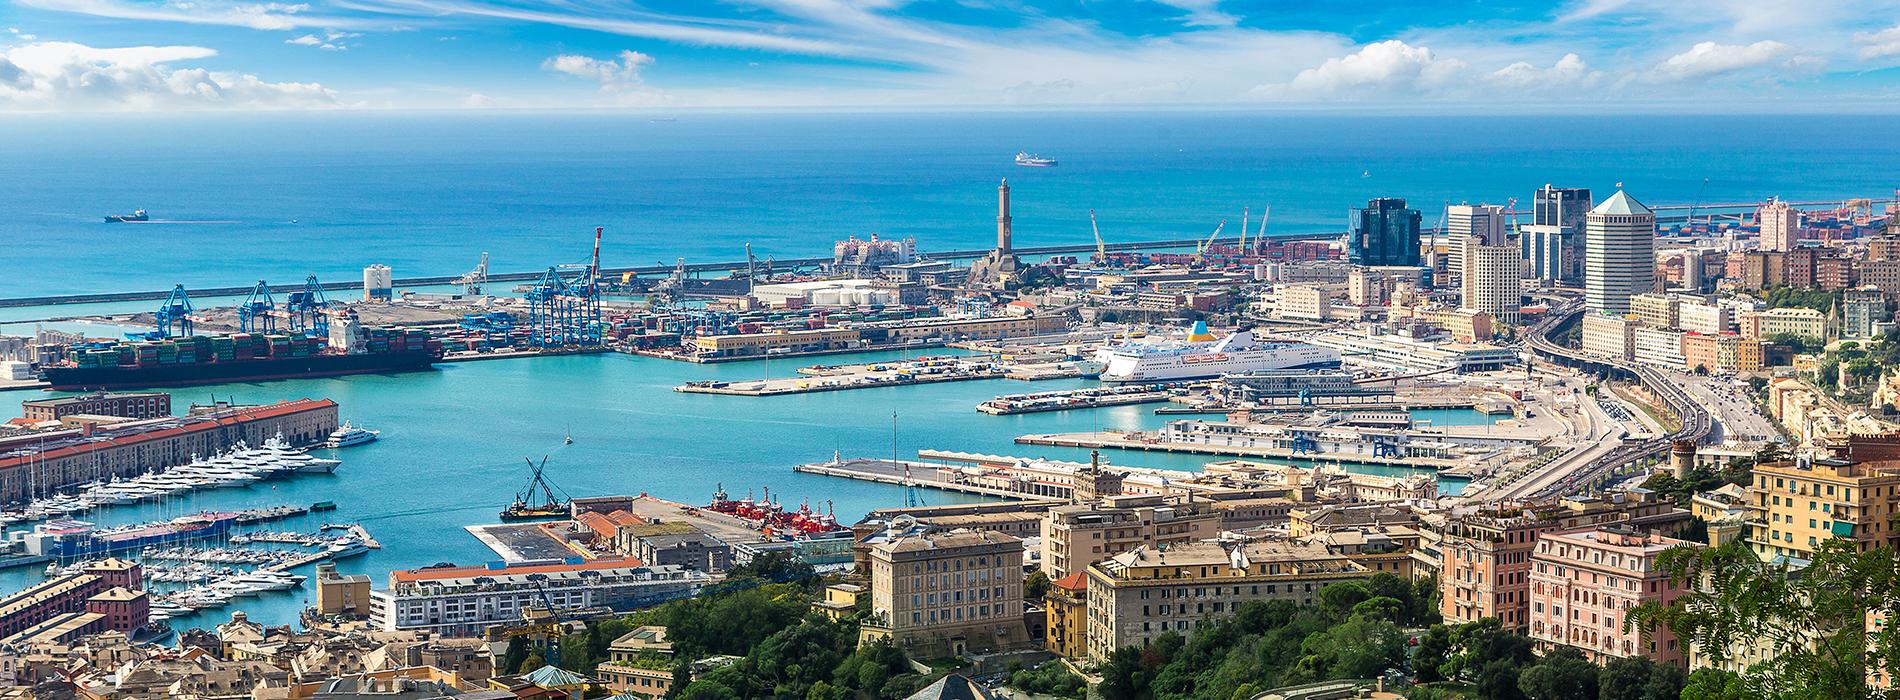 Авиабилеты Челябинск — Генуя, купить билеты на самолет туда и обратно